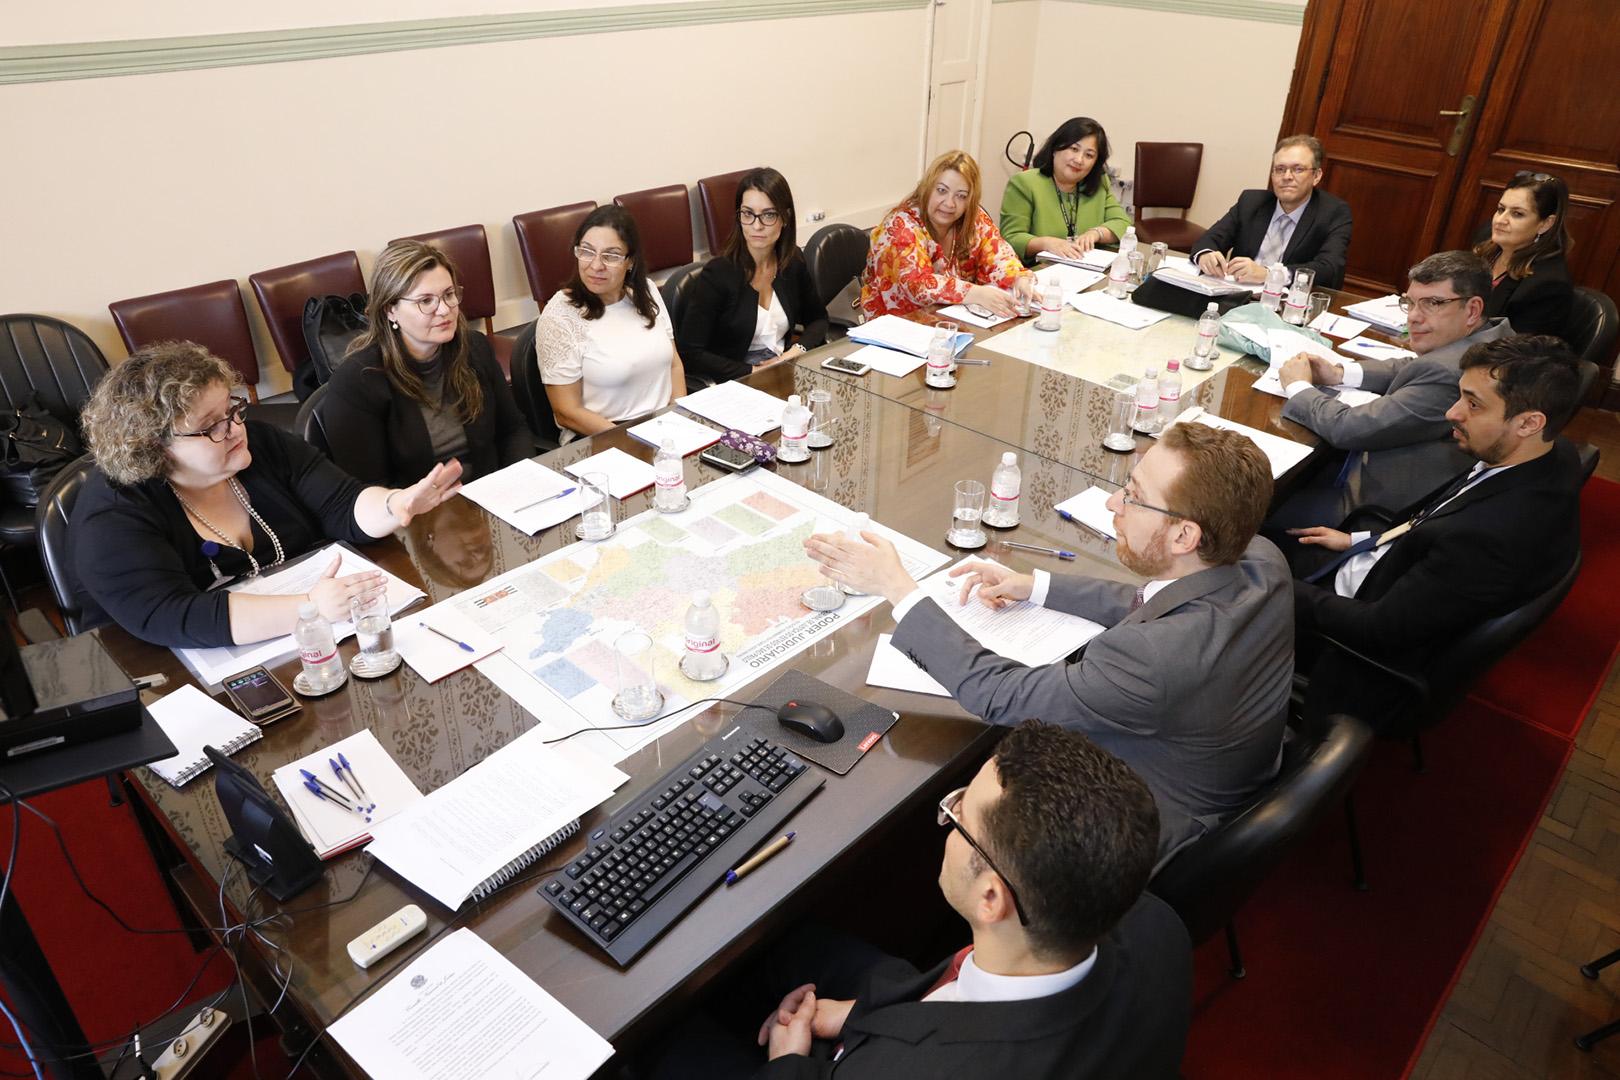 Comitê Gestor de Orçamento e Priorização do 1º Grau se reúne no TJSP